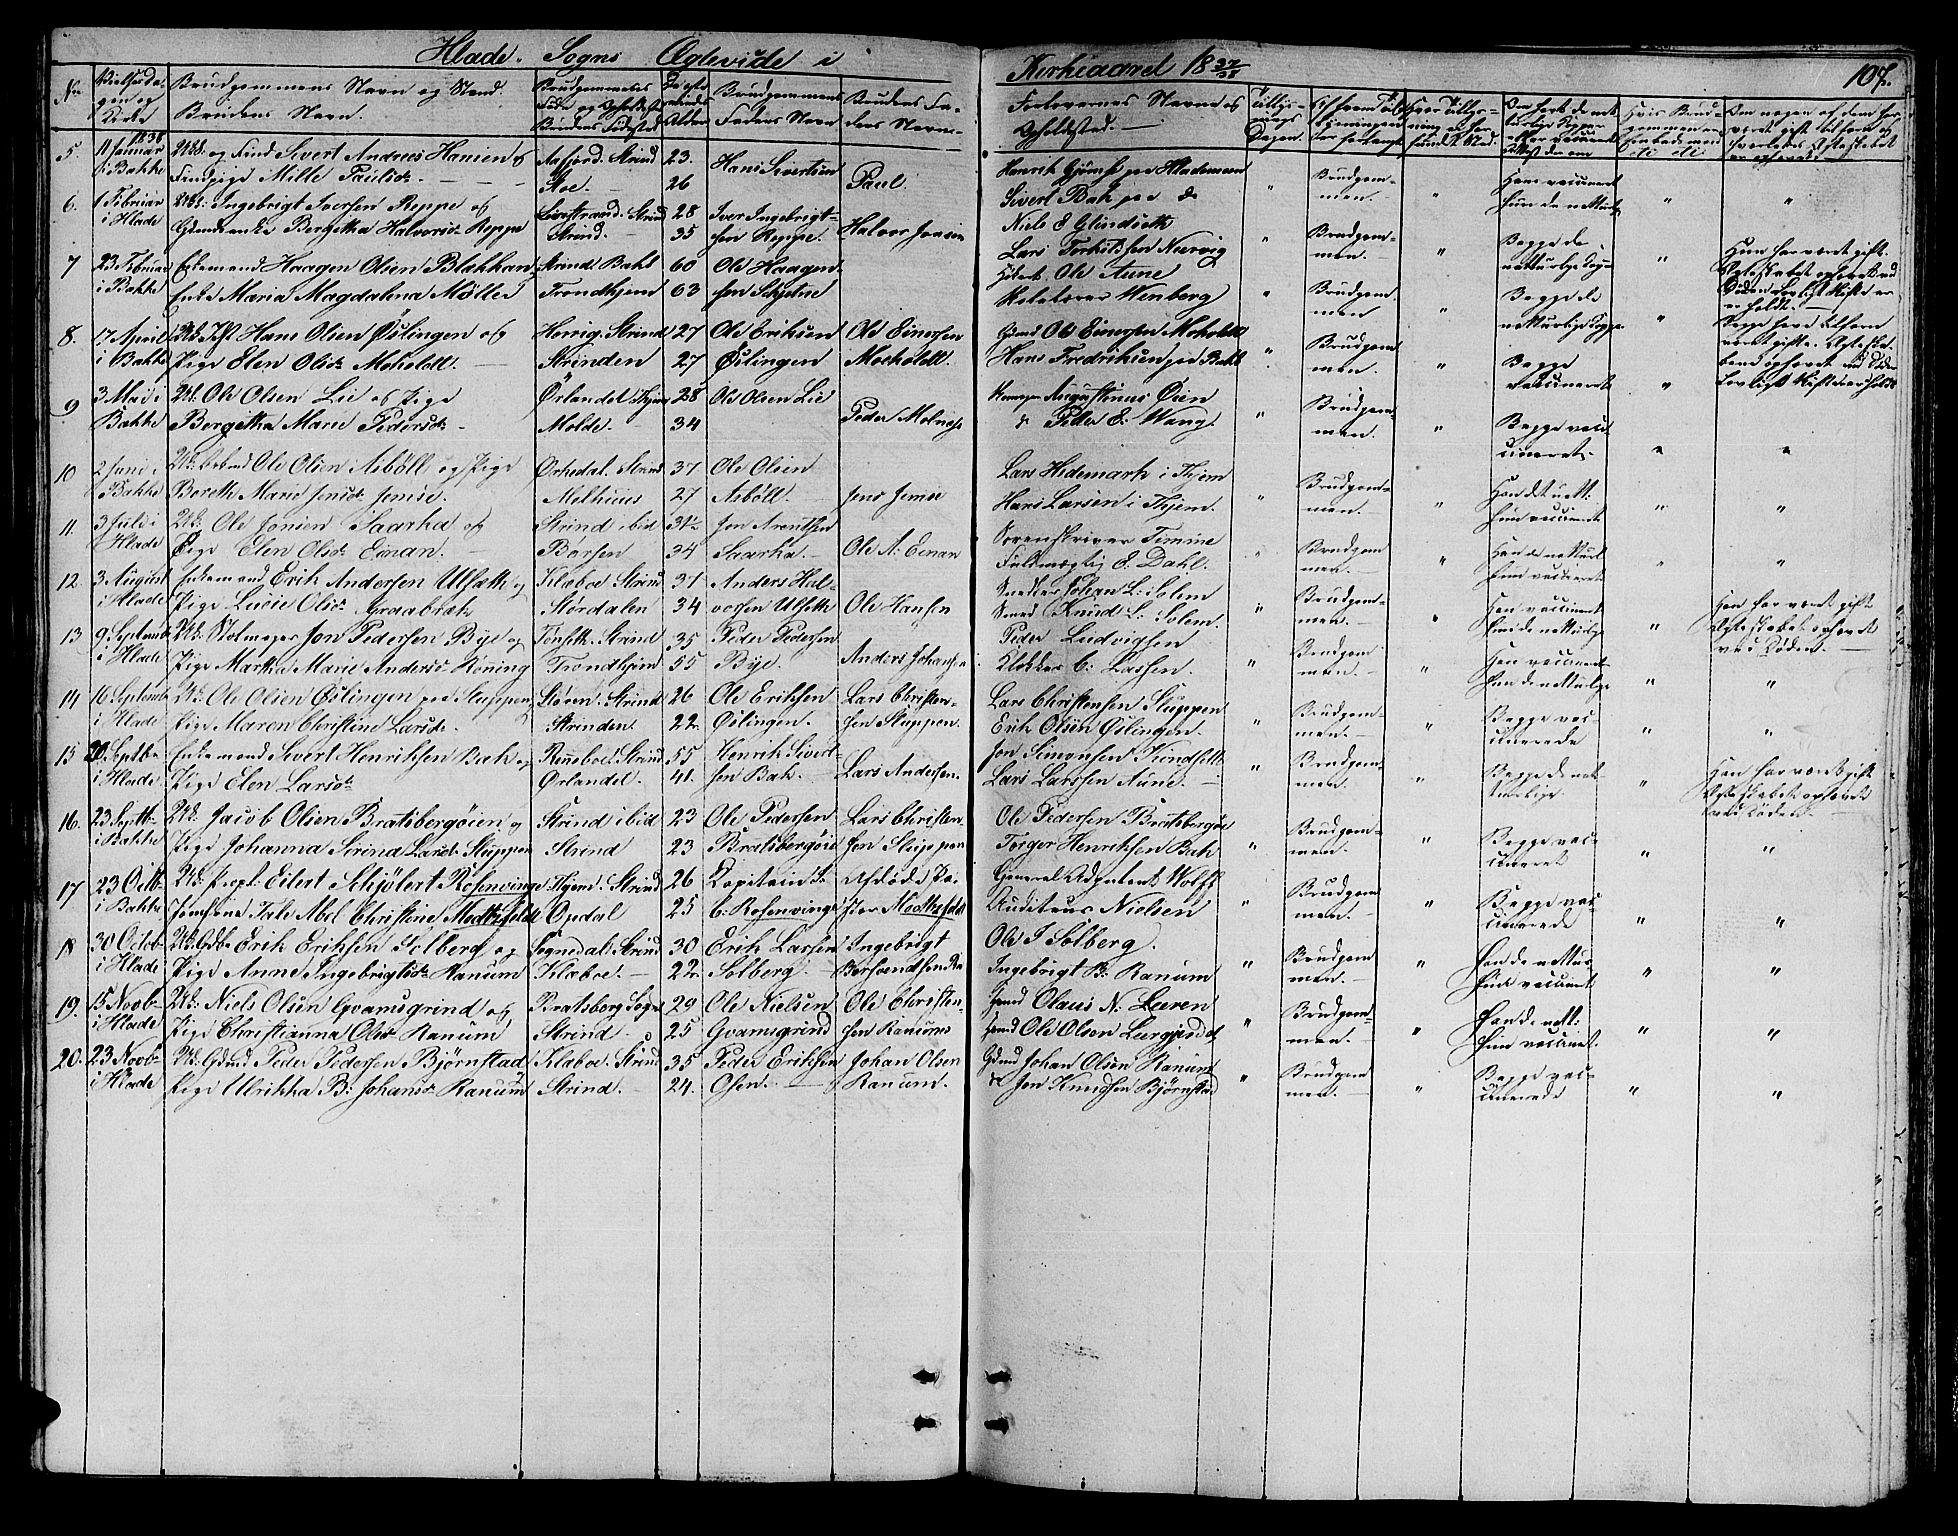 SAT, Ministerialprotokoller, klokkerbøker og fødselsregistre - Sør-Trøndelag, 606/L0308: Klokkerbok nr. 606C04, 1829-1840, s. 107